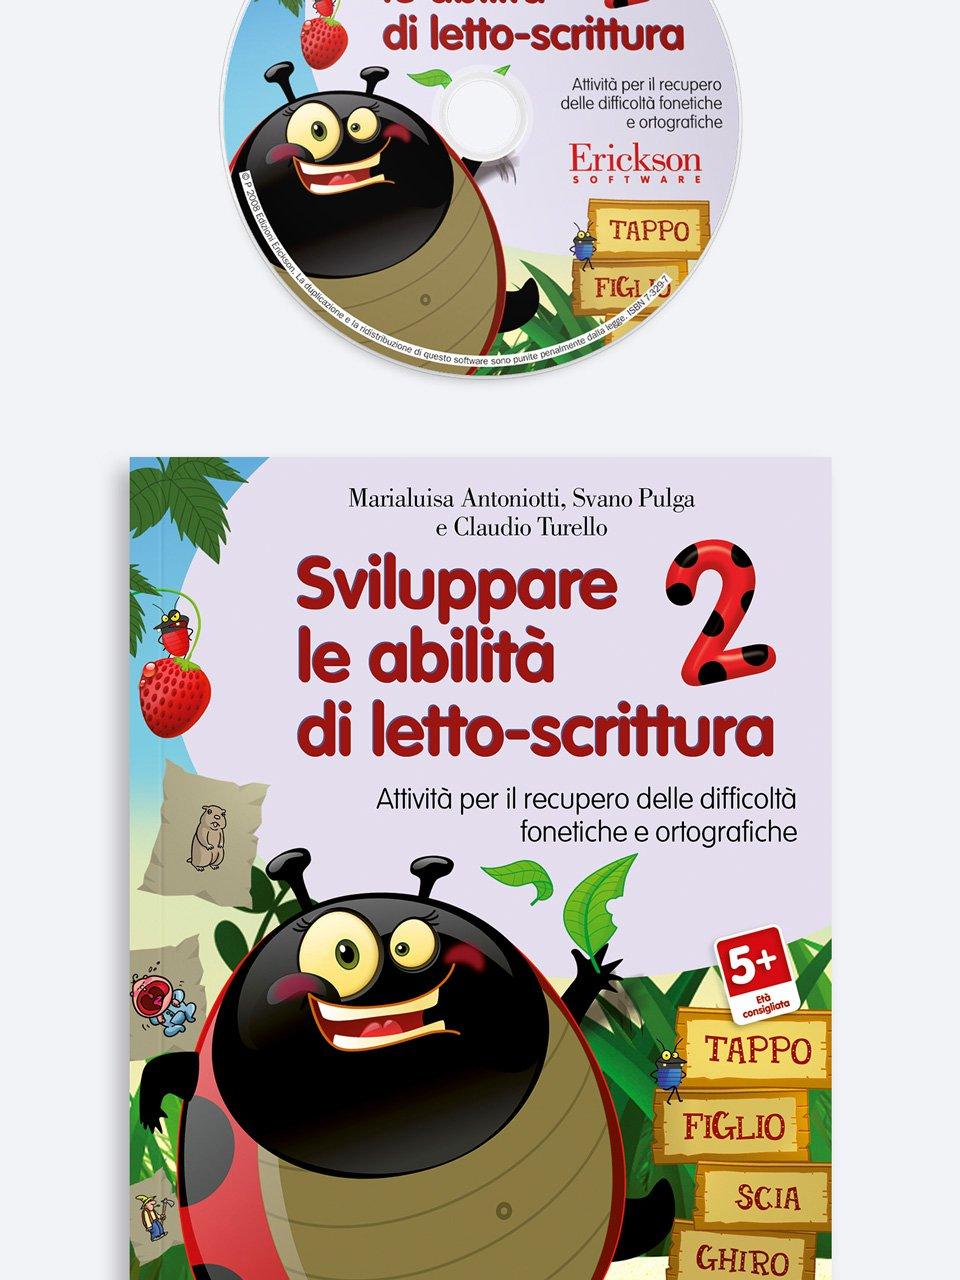 Sviluppare le abilità di letto-scrittura 2 - Le difficoltà ortografiche - Volume 1 - Libri - App e software - Erickson